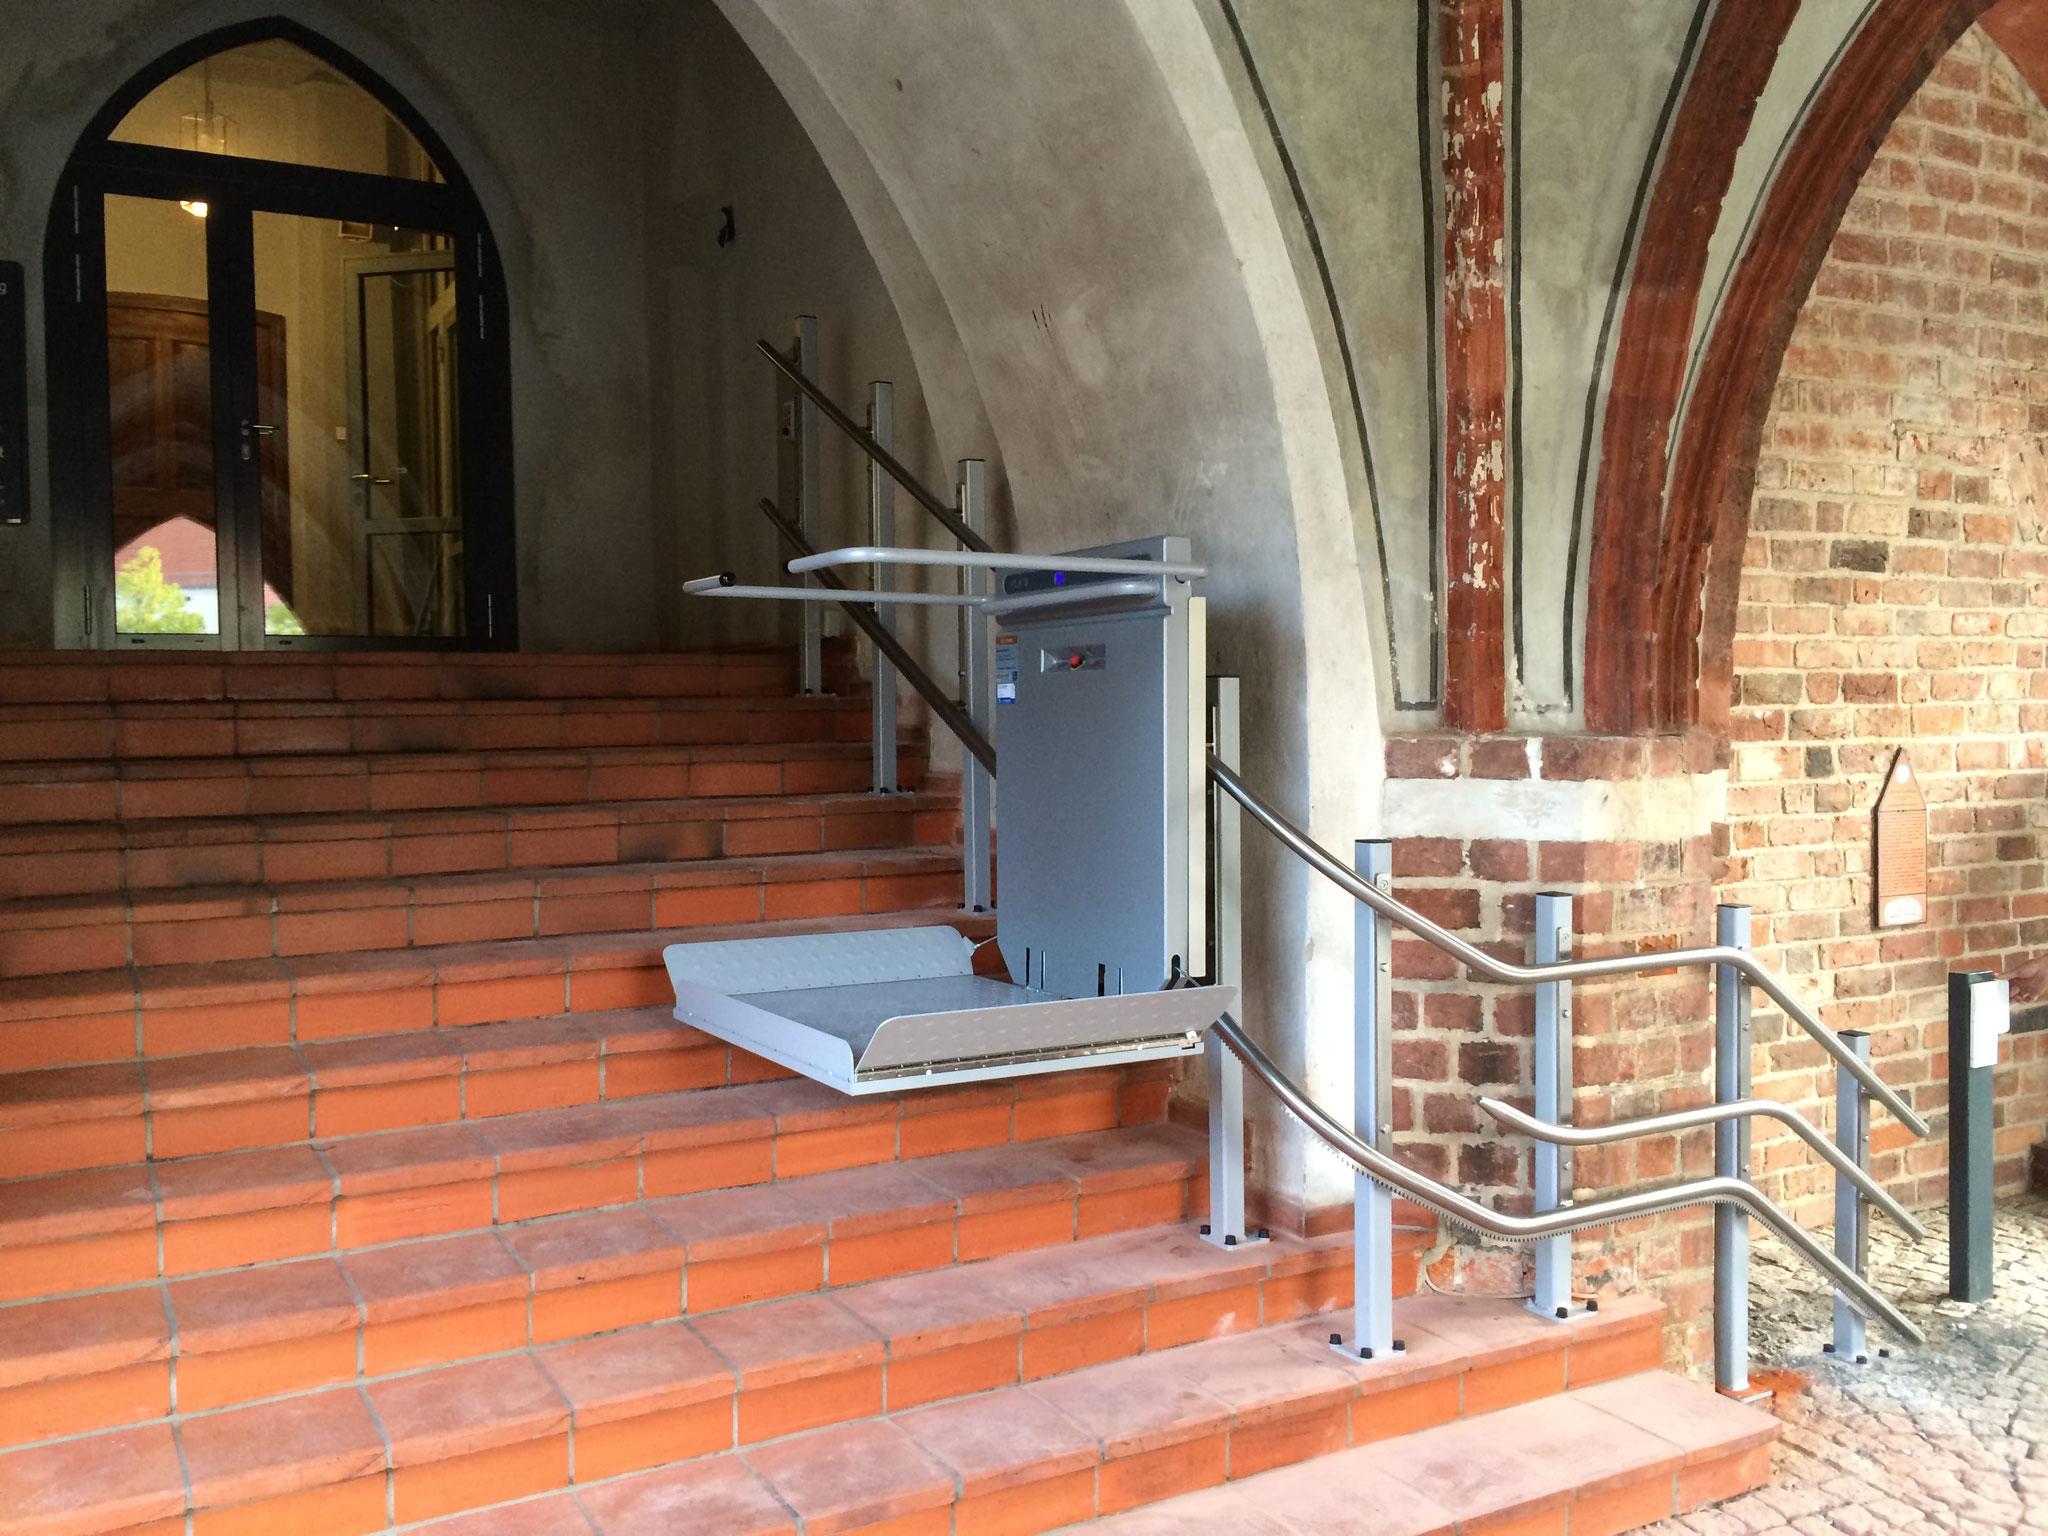 Plattformlift für Rollstuhlfahrer, Ascendor PLK 8 Außenanlage